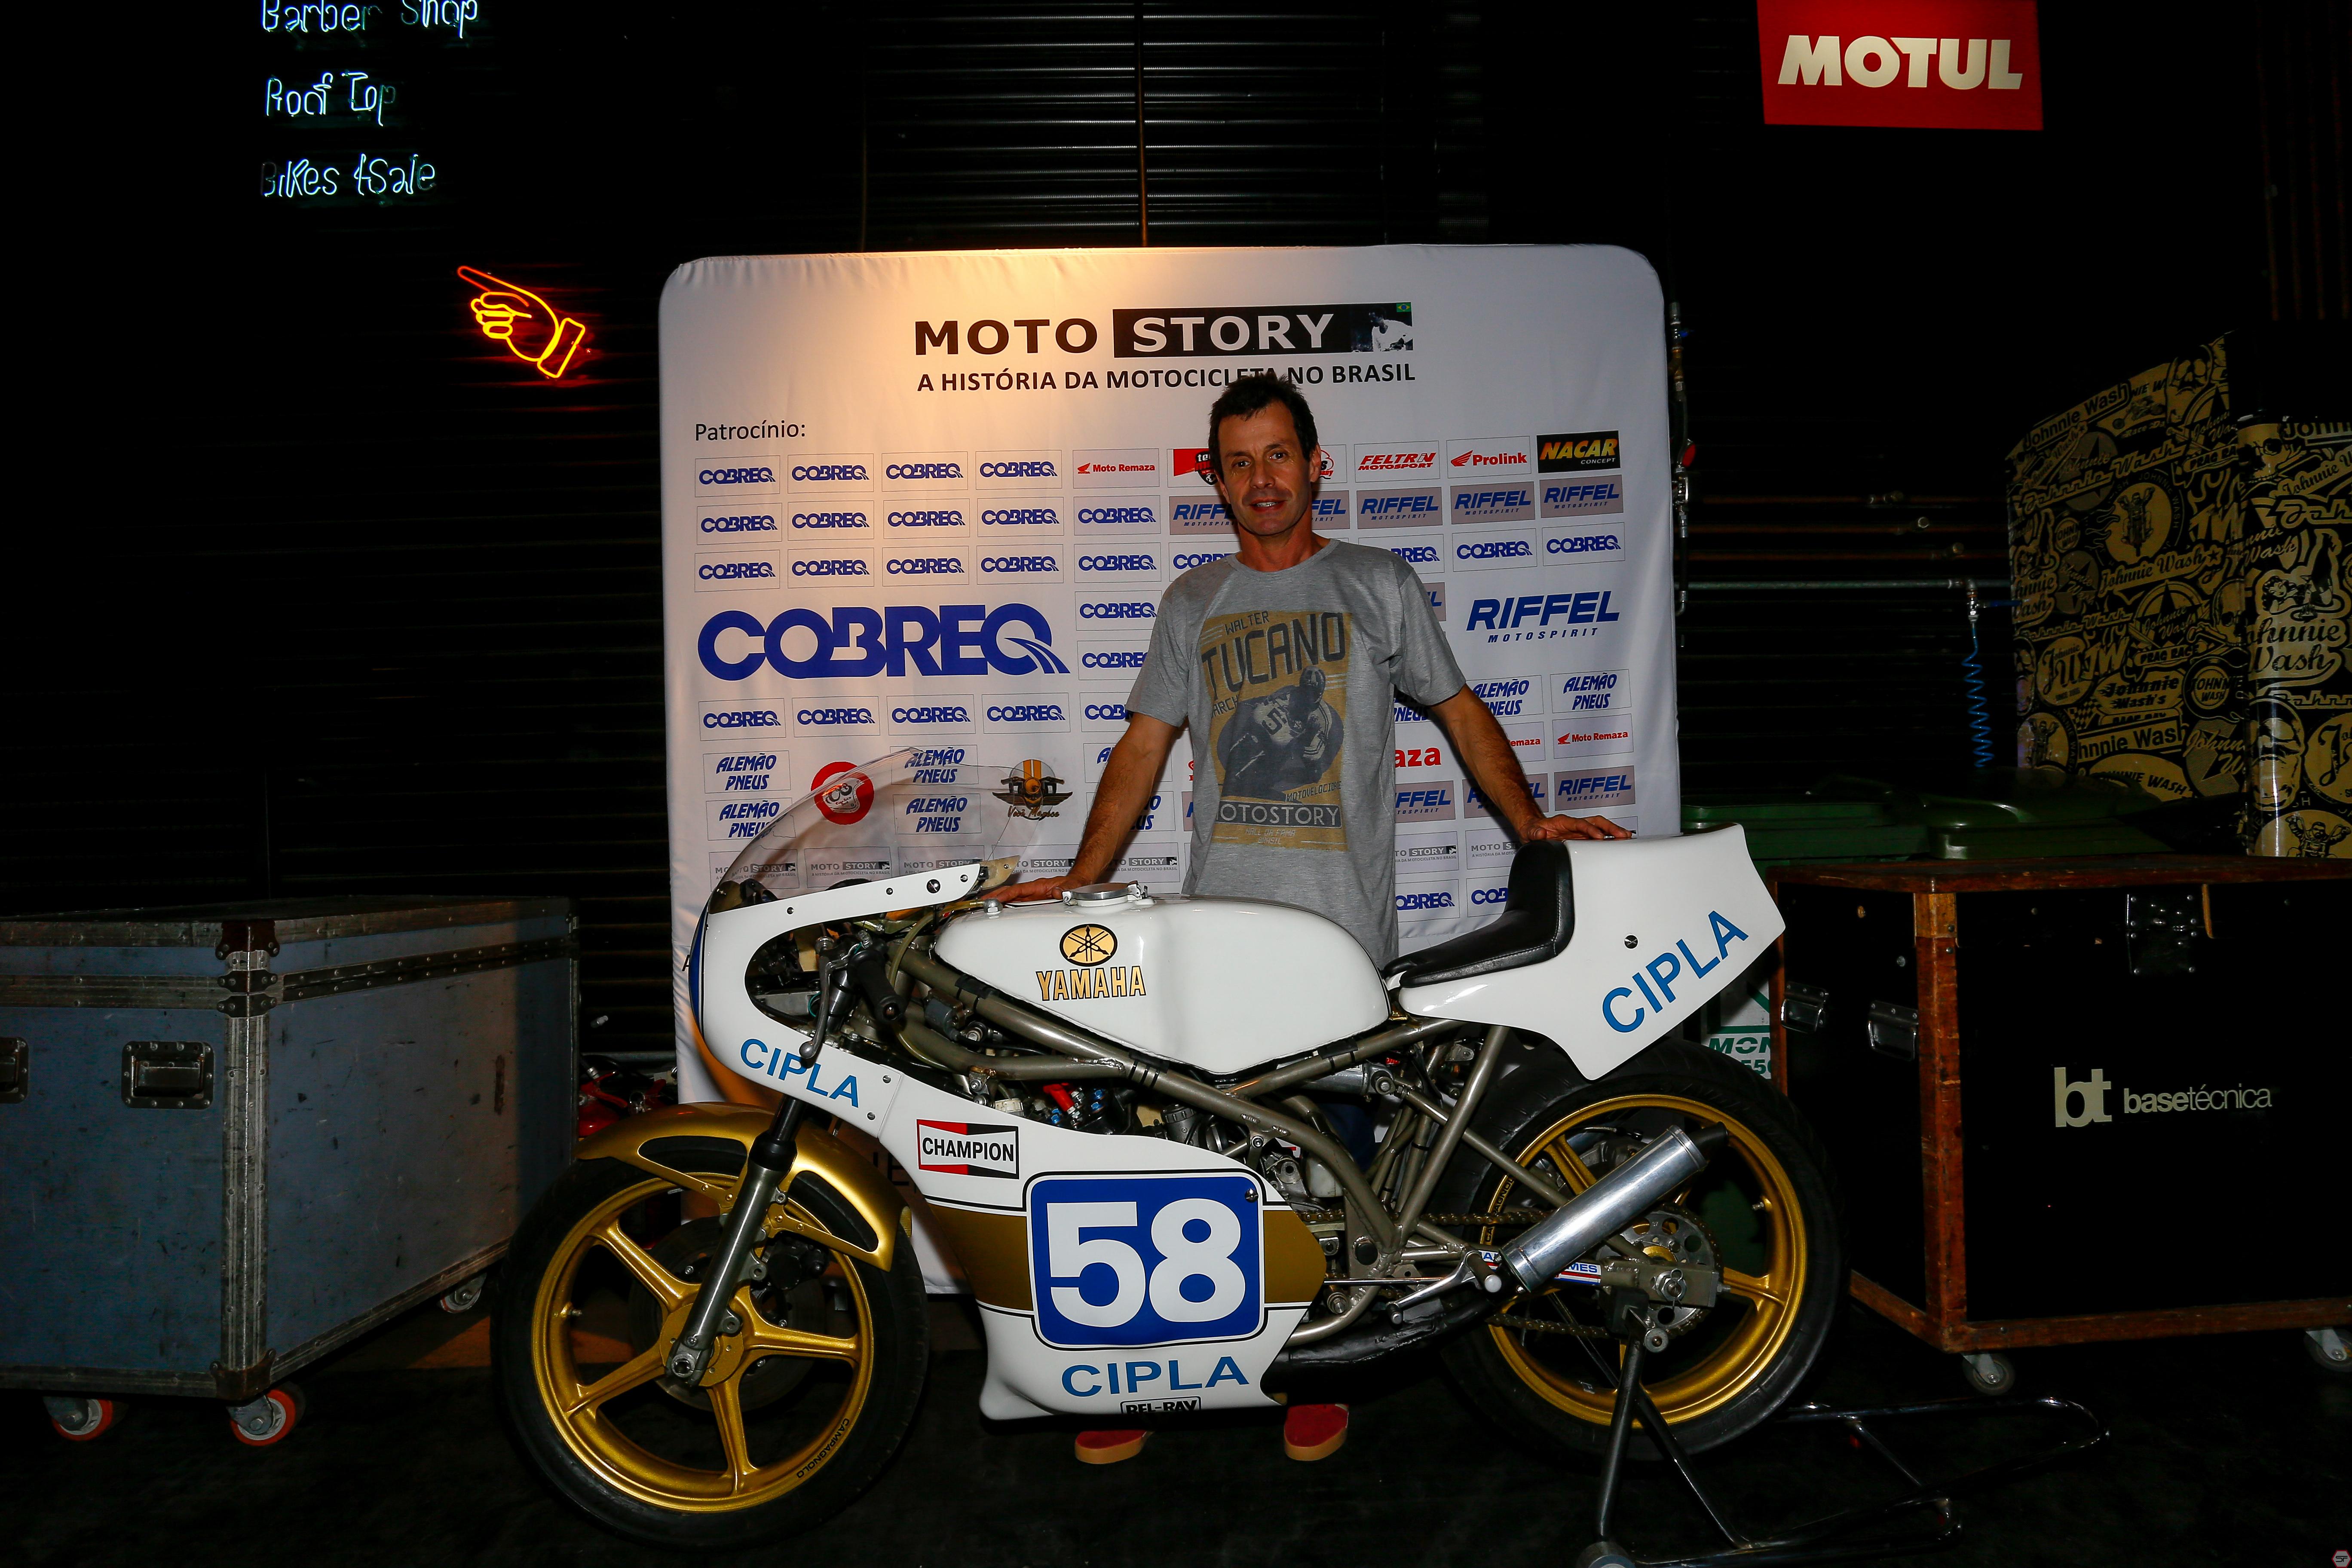 José Luiz Gonsalves, Embaixador Motostory, em noite de Encontros Motostory: Os TZudos